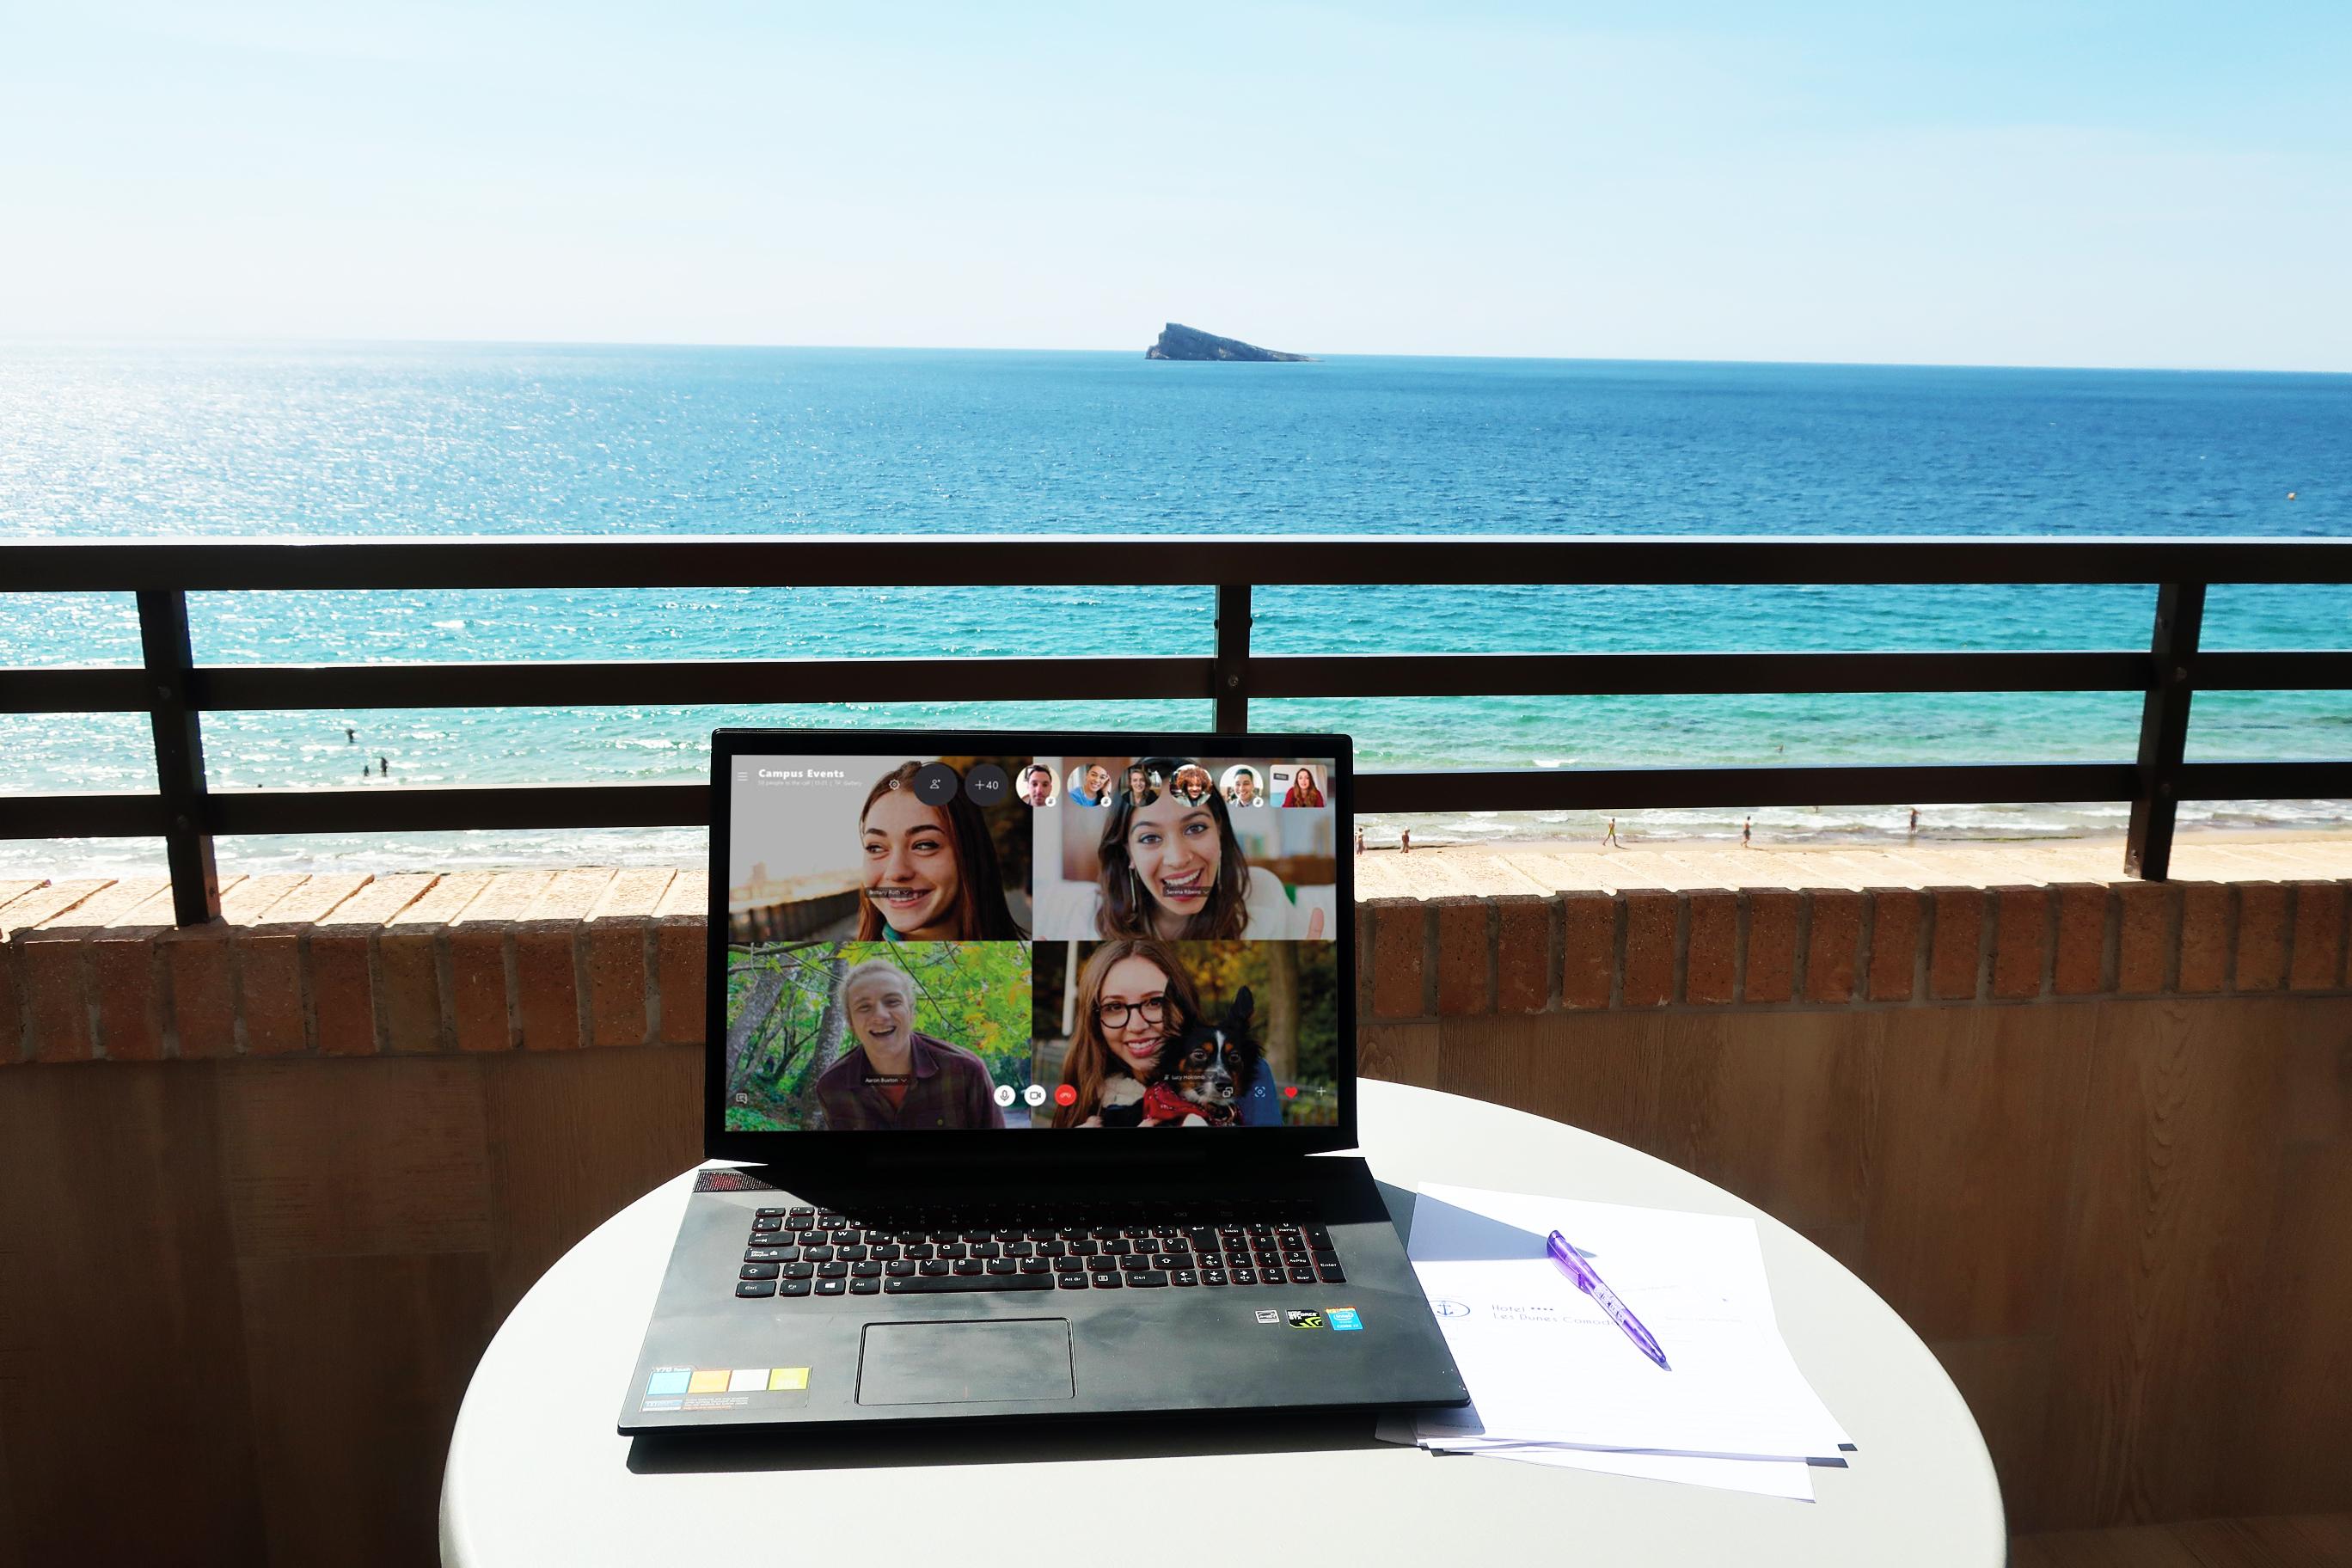 Teletrabajo en Benidorm: siete ventajas de trasladar tu oficina a Les Dunes